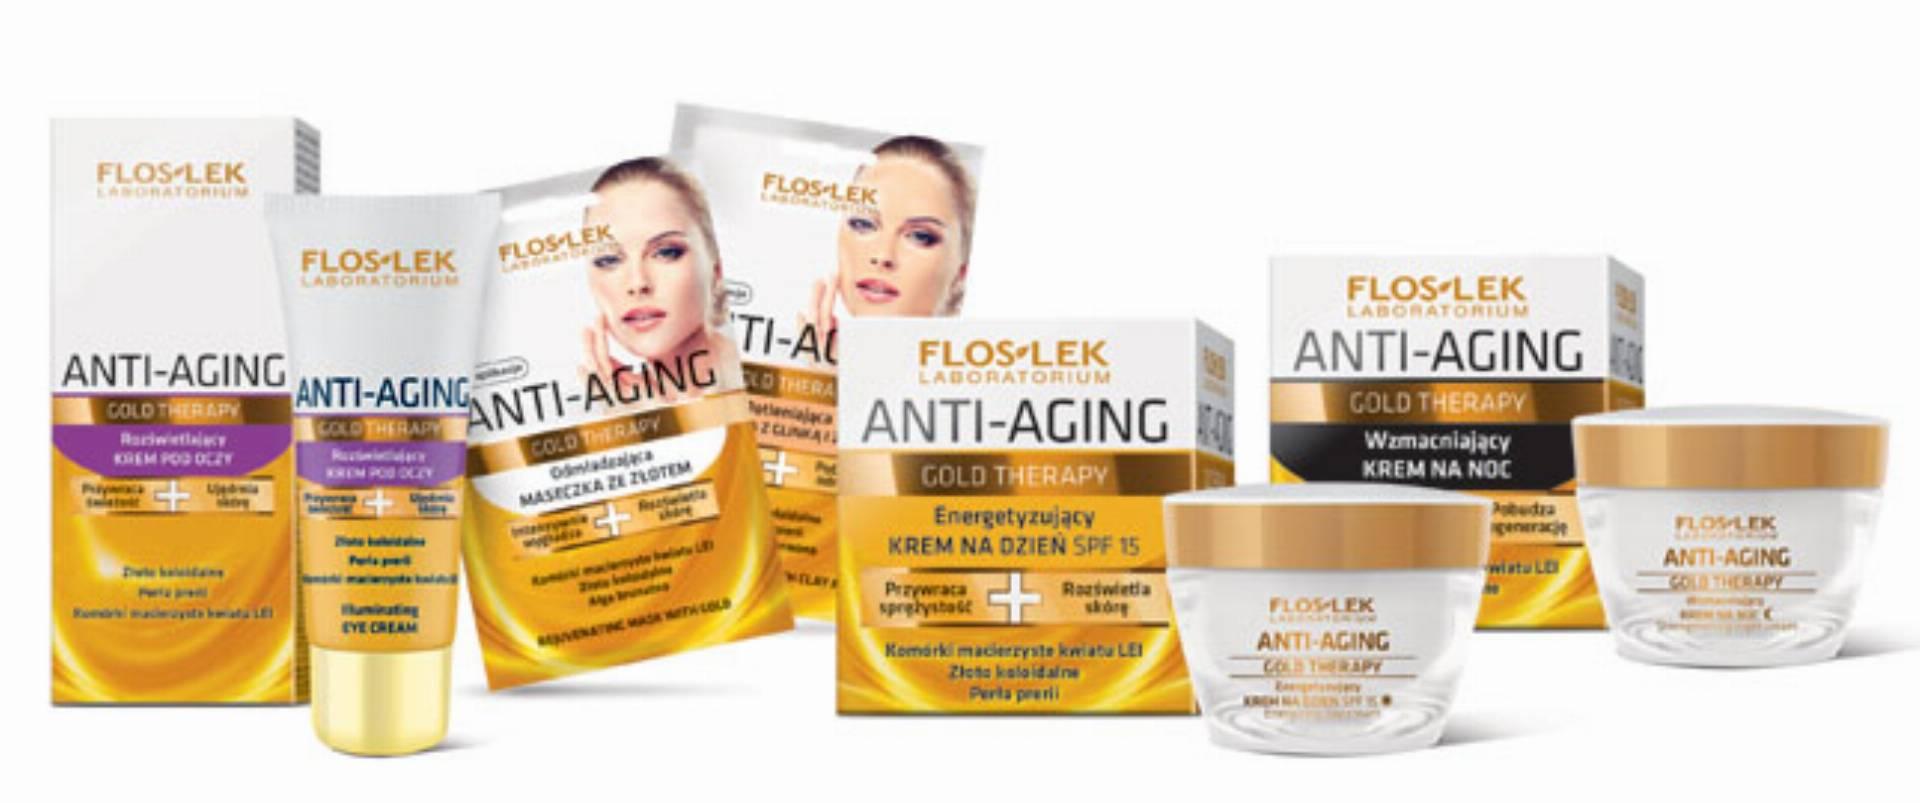 Kosmetyki z linii Gold Therapy od FLOSLEK